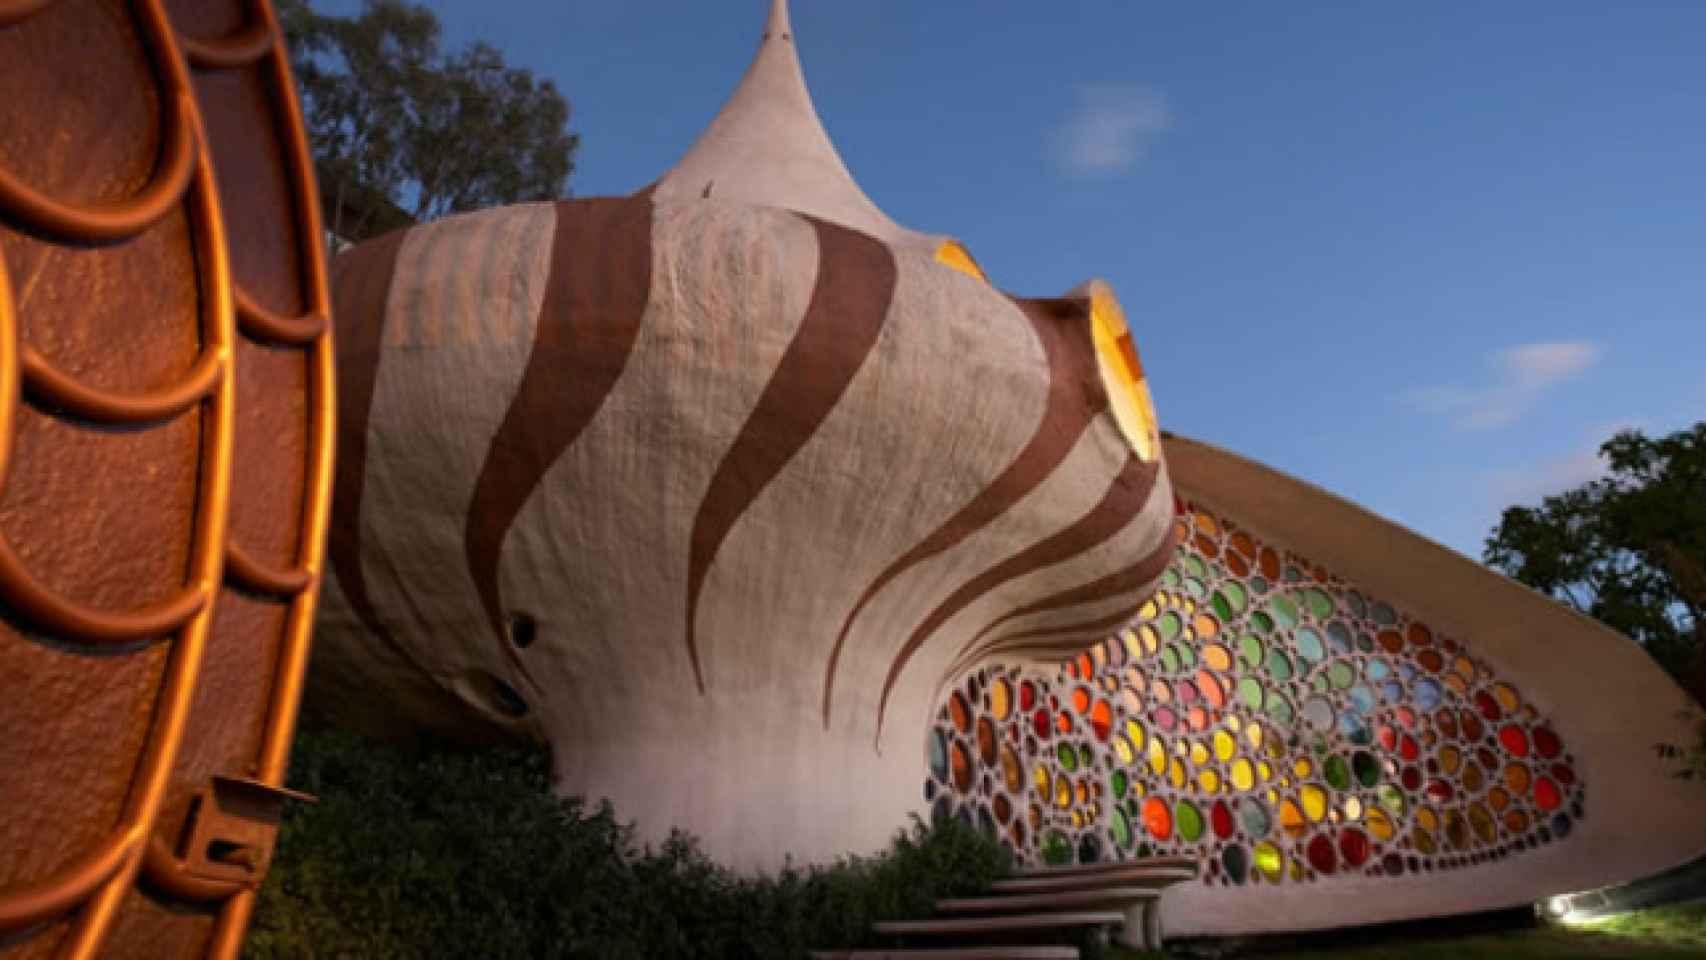 El arquitecto mexicano Javier Senosiain es célebre por sus sinuosas creaciones arquitectónicas, casi vivas. Como esta casa concha llamada Nautilus.